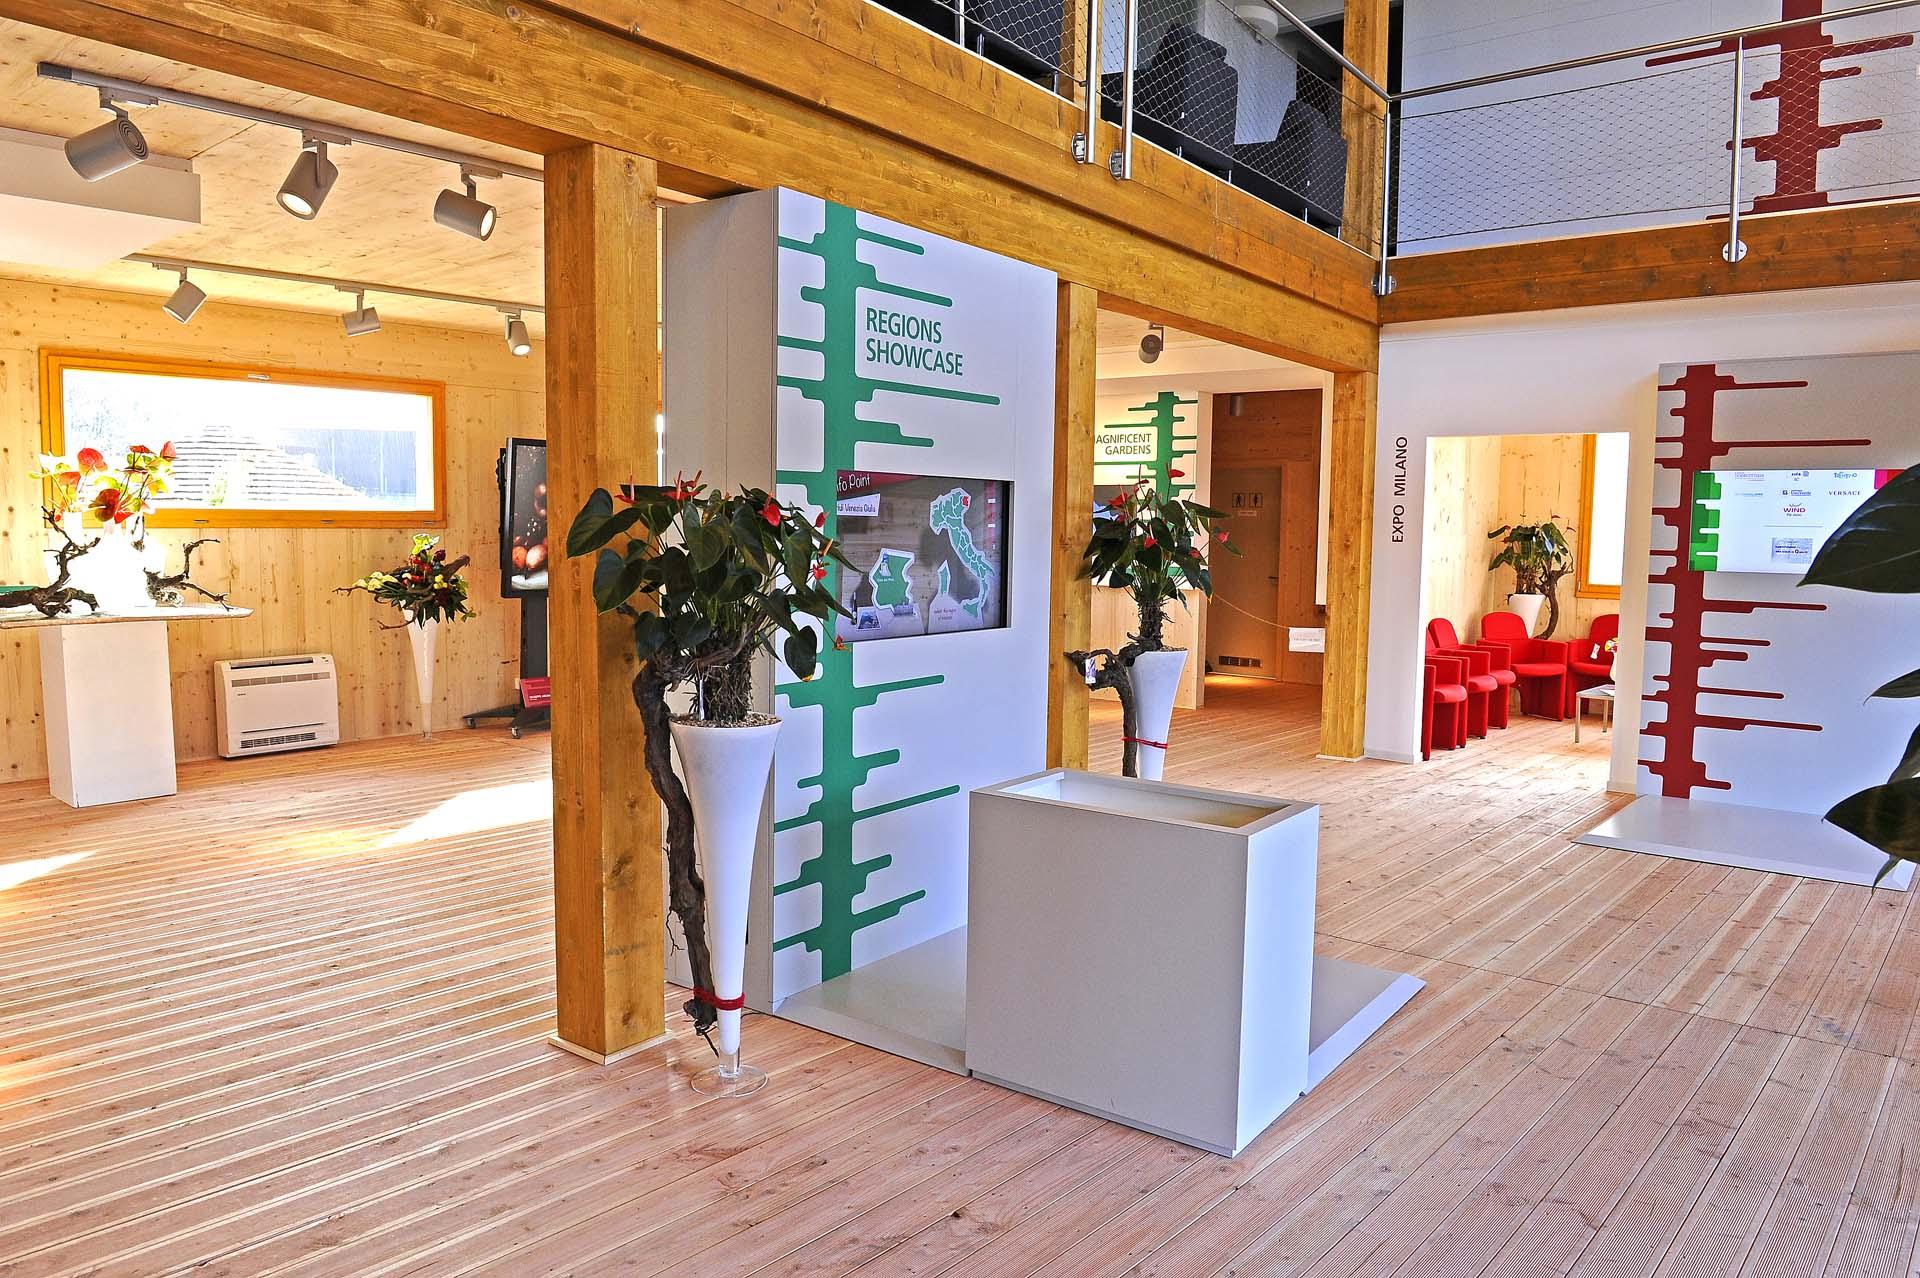 <b>Edificio speciale in legno ad uso info point su spazio pubblico</b>